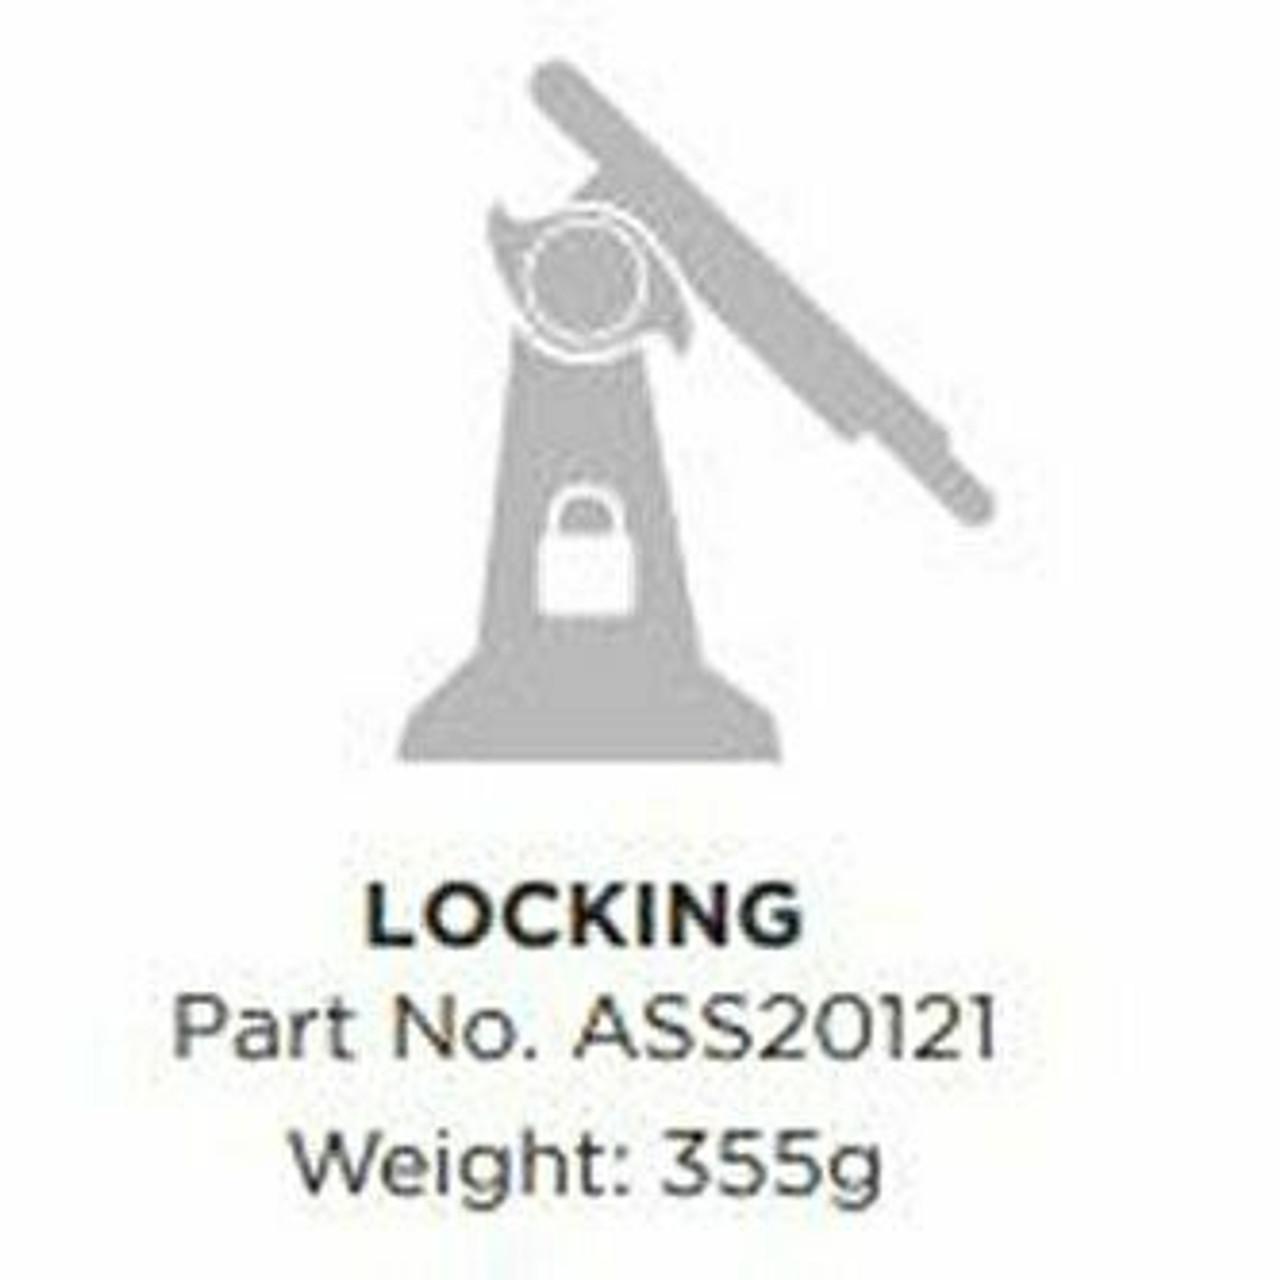 Dejavoo Z3 and Z6 Tailwind FlexiPole Plus Locking Stand